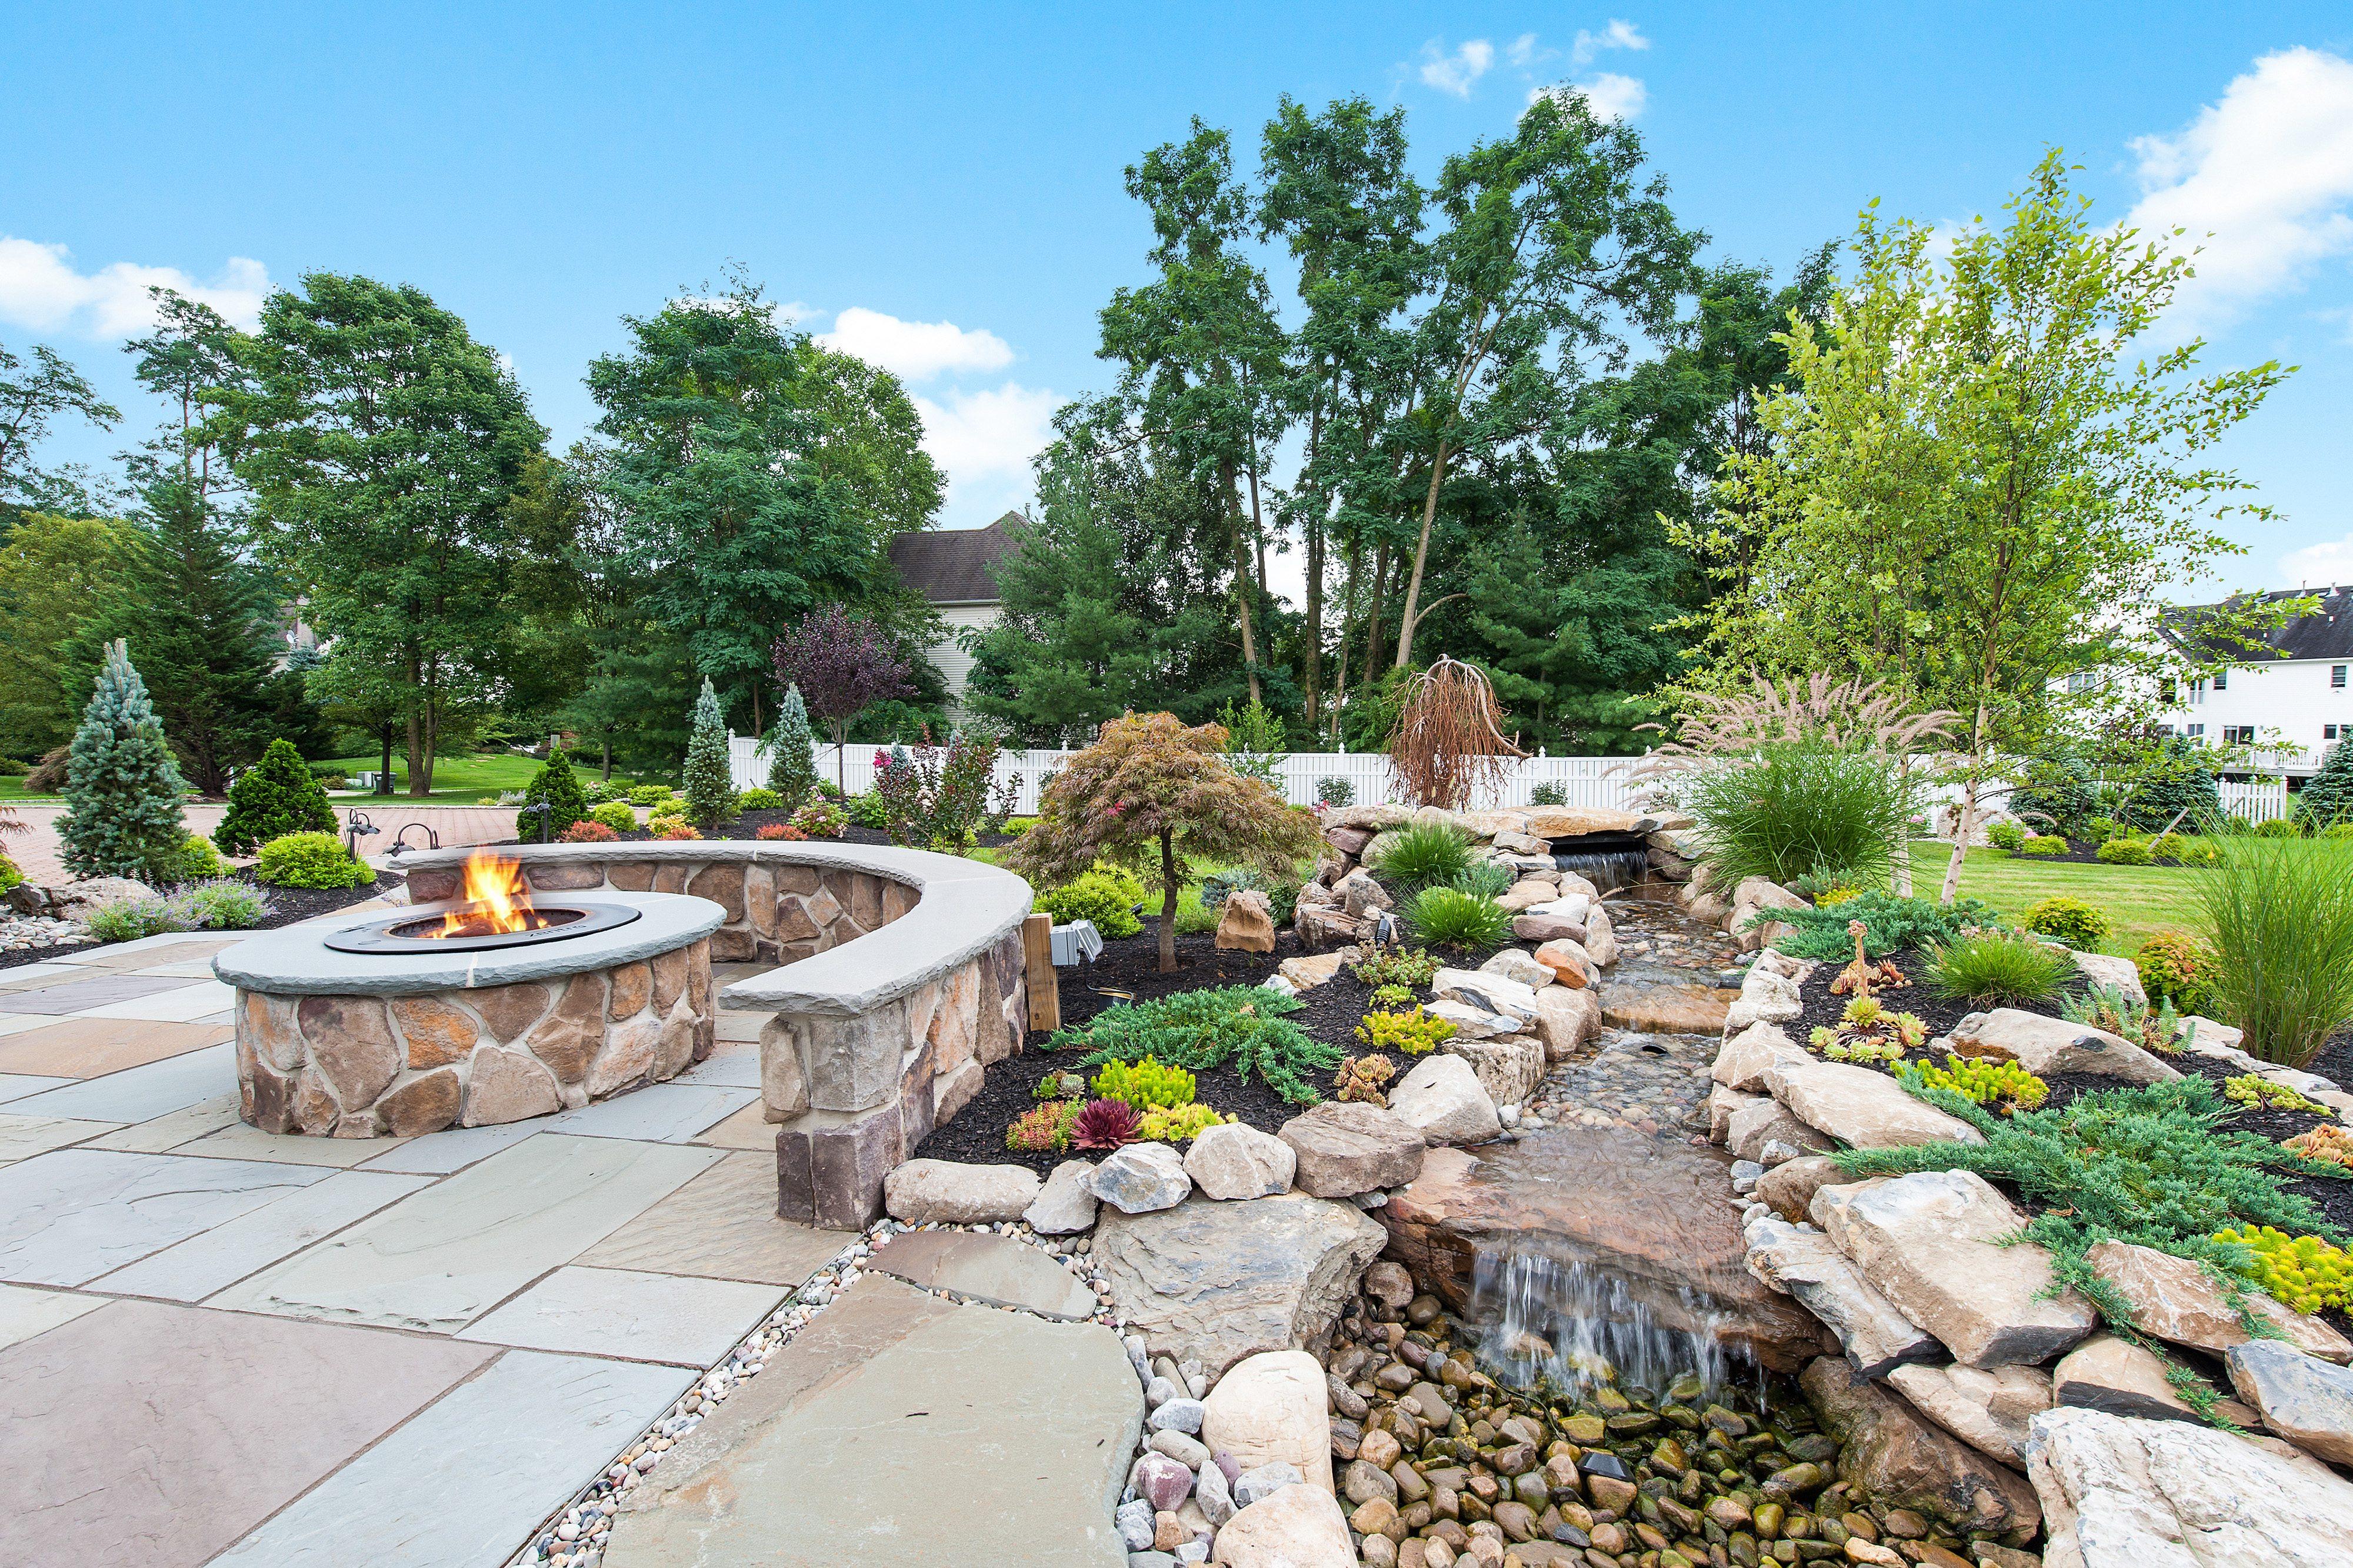 Backyard Design Secrets Revealed by a Top Landscape Architect in NJ